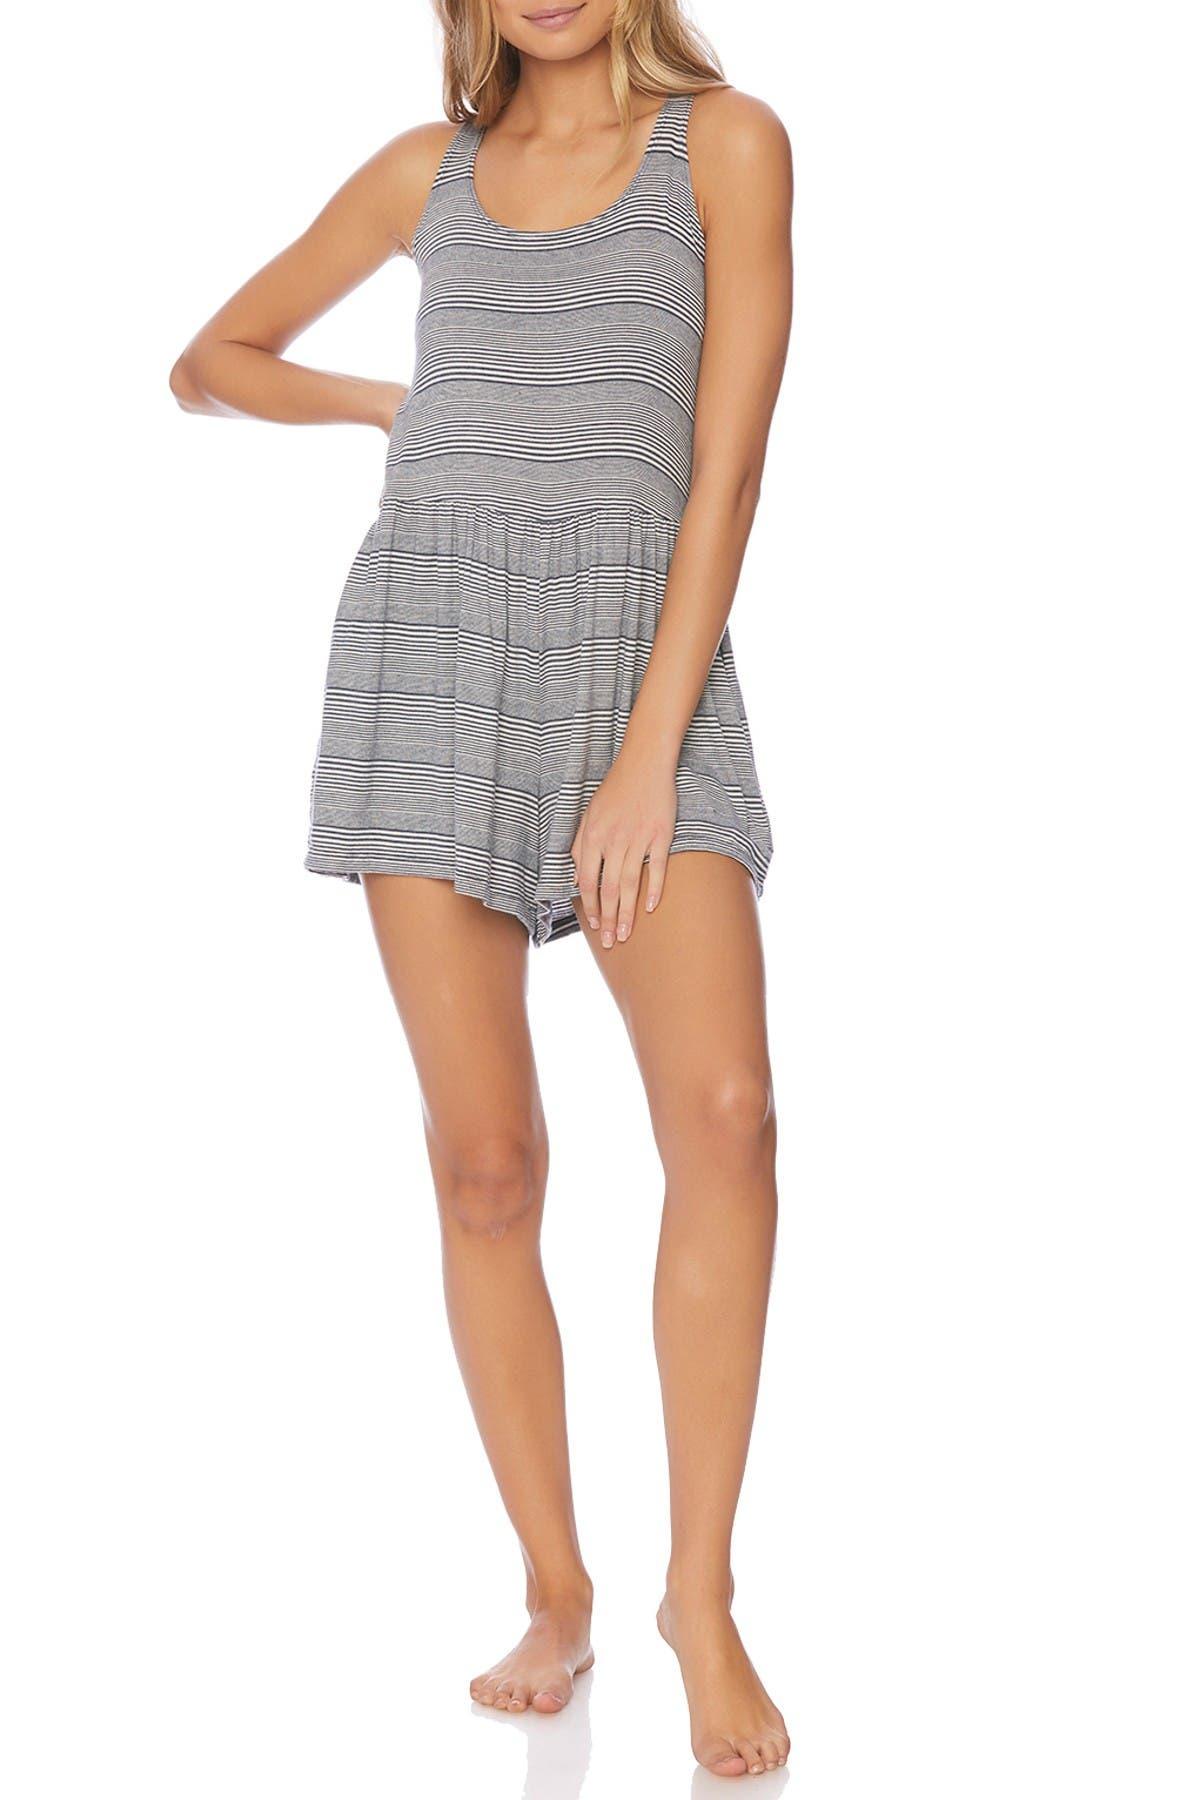 Image of Splendid Stripe Sleeveless Romper